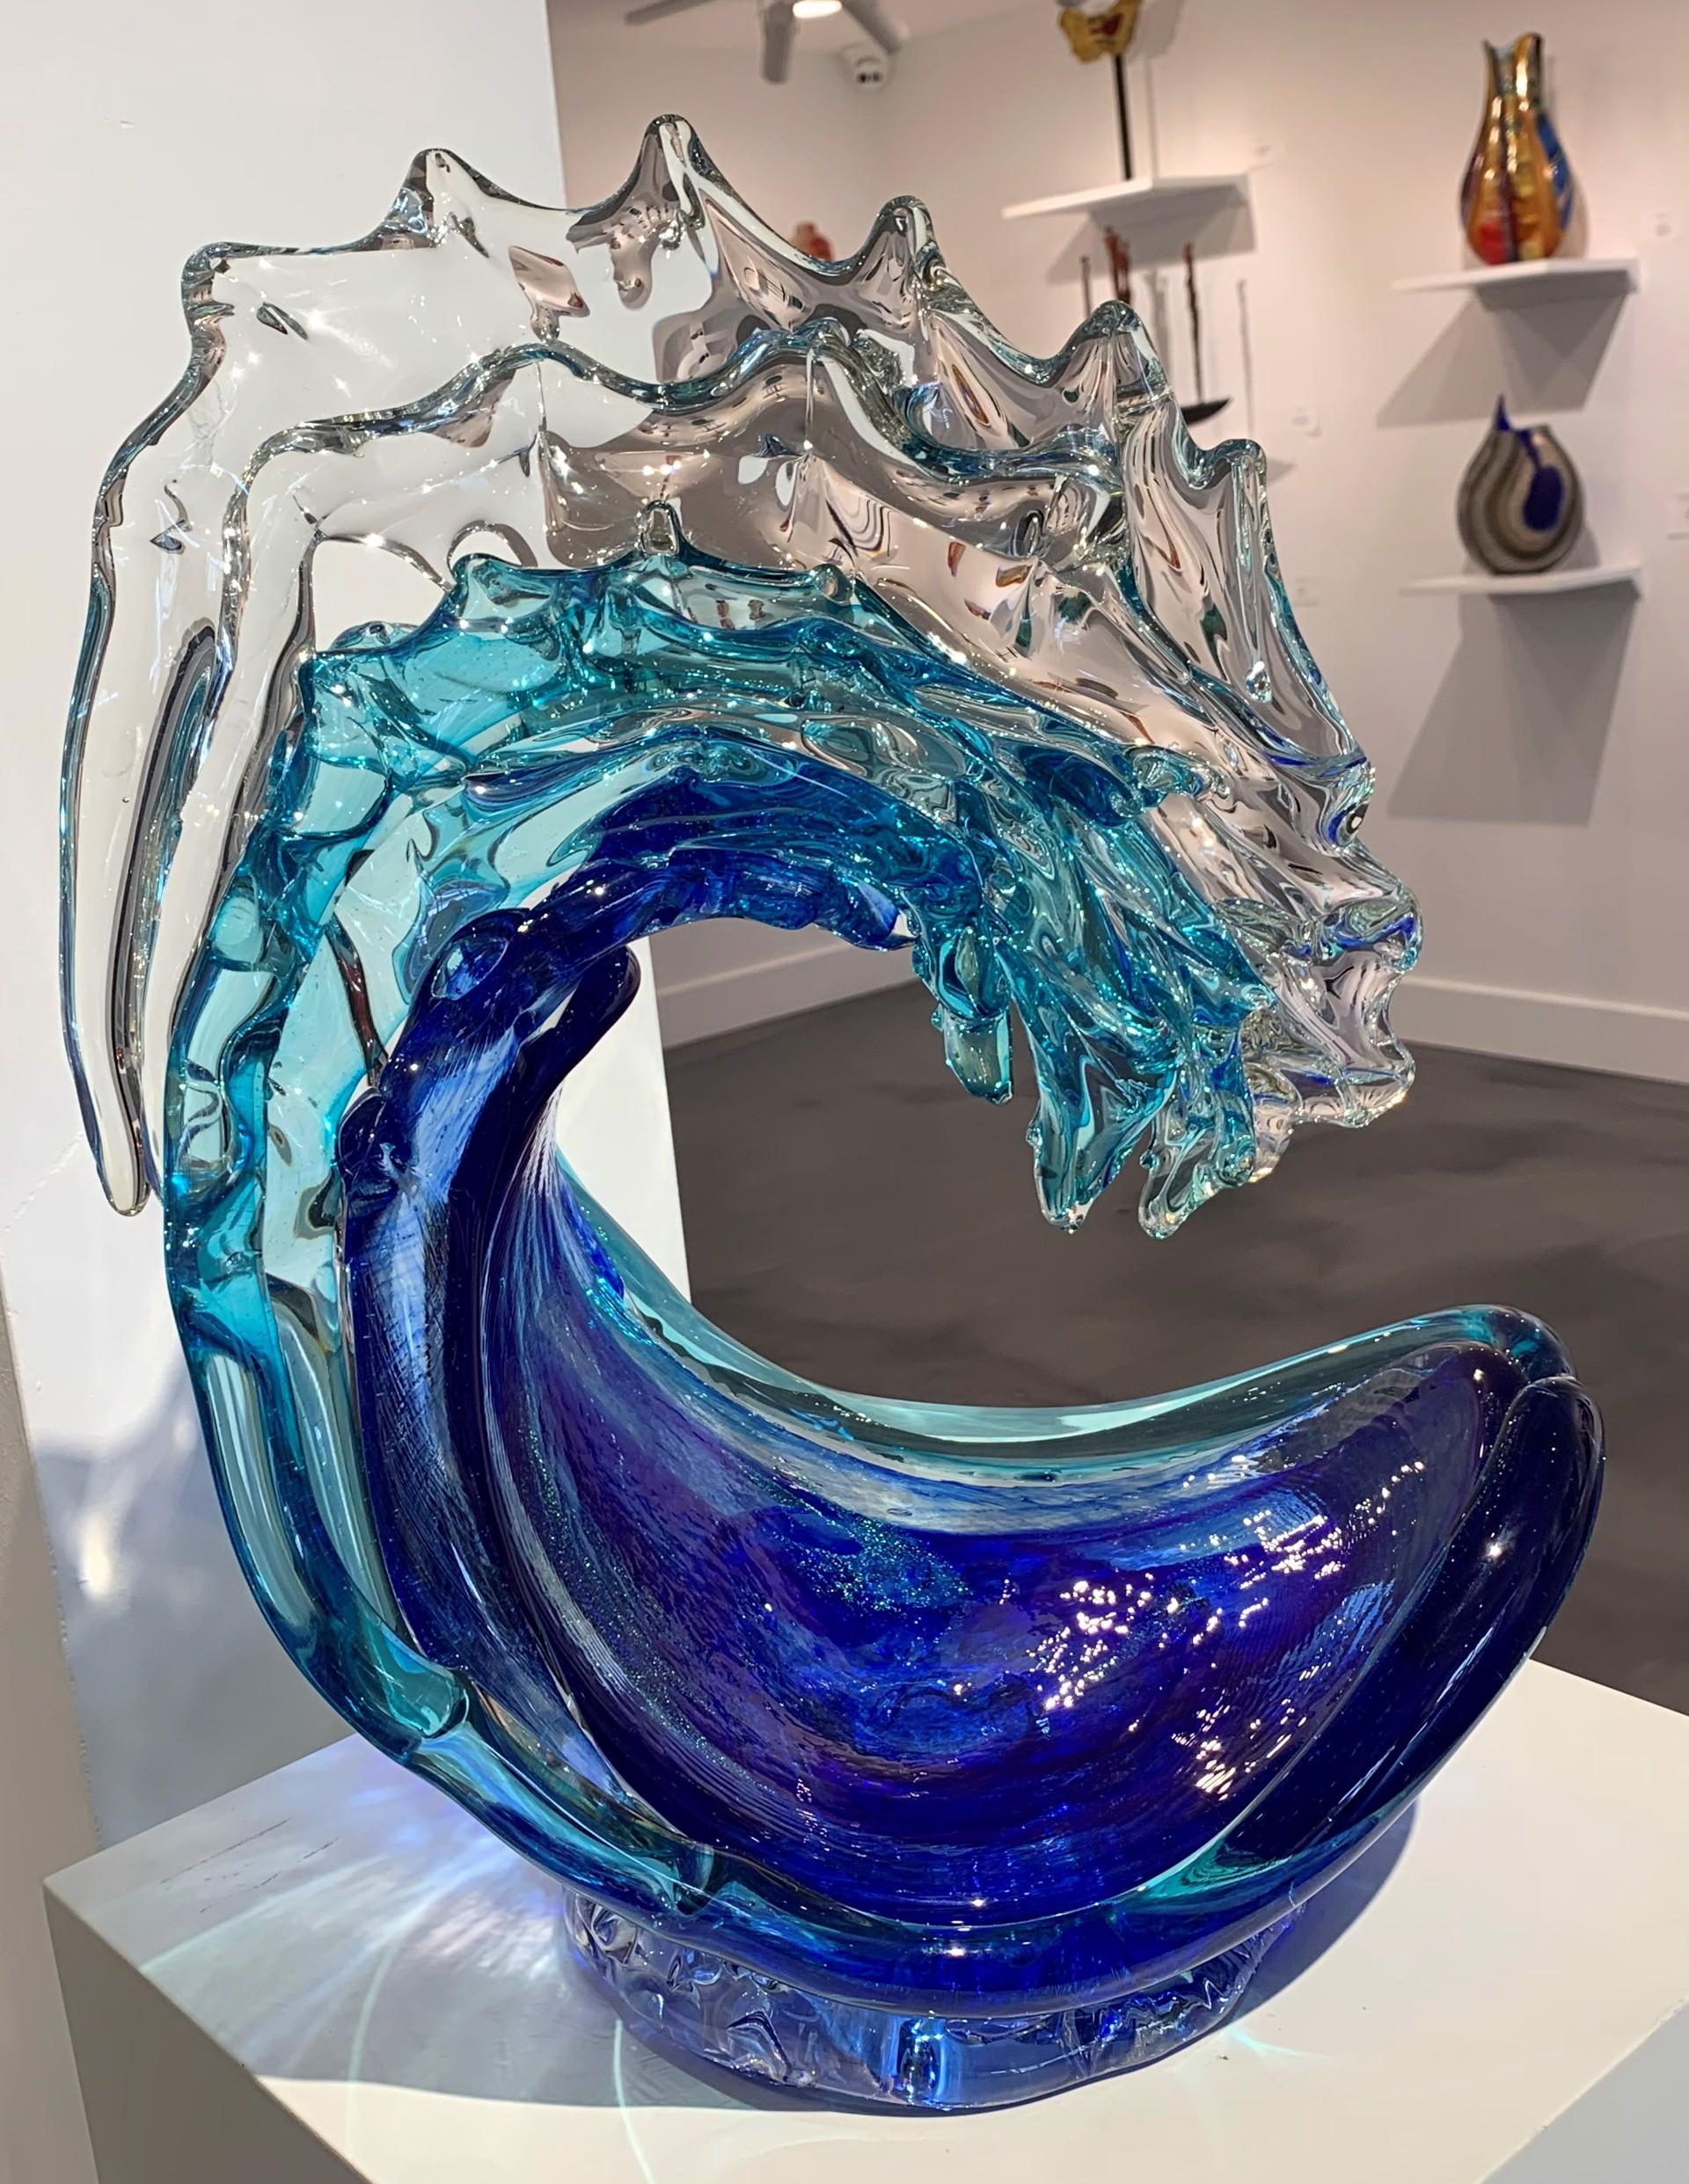 Tsunami XXL by David Wight